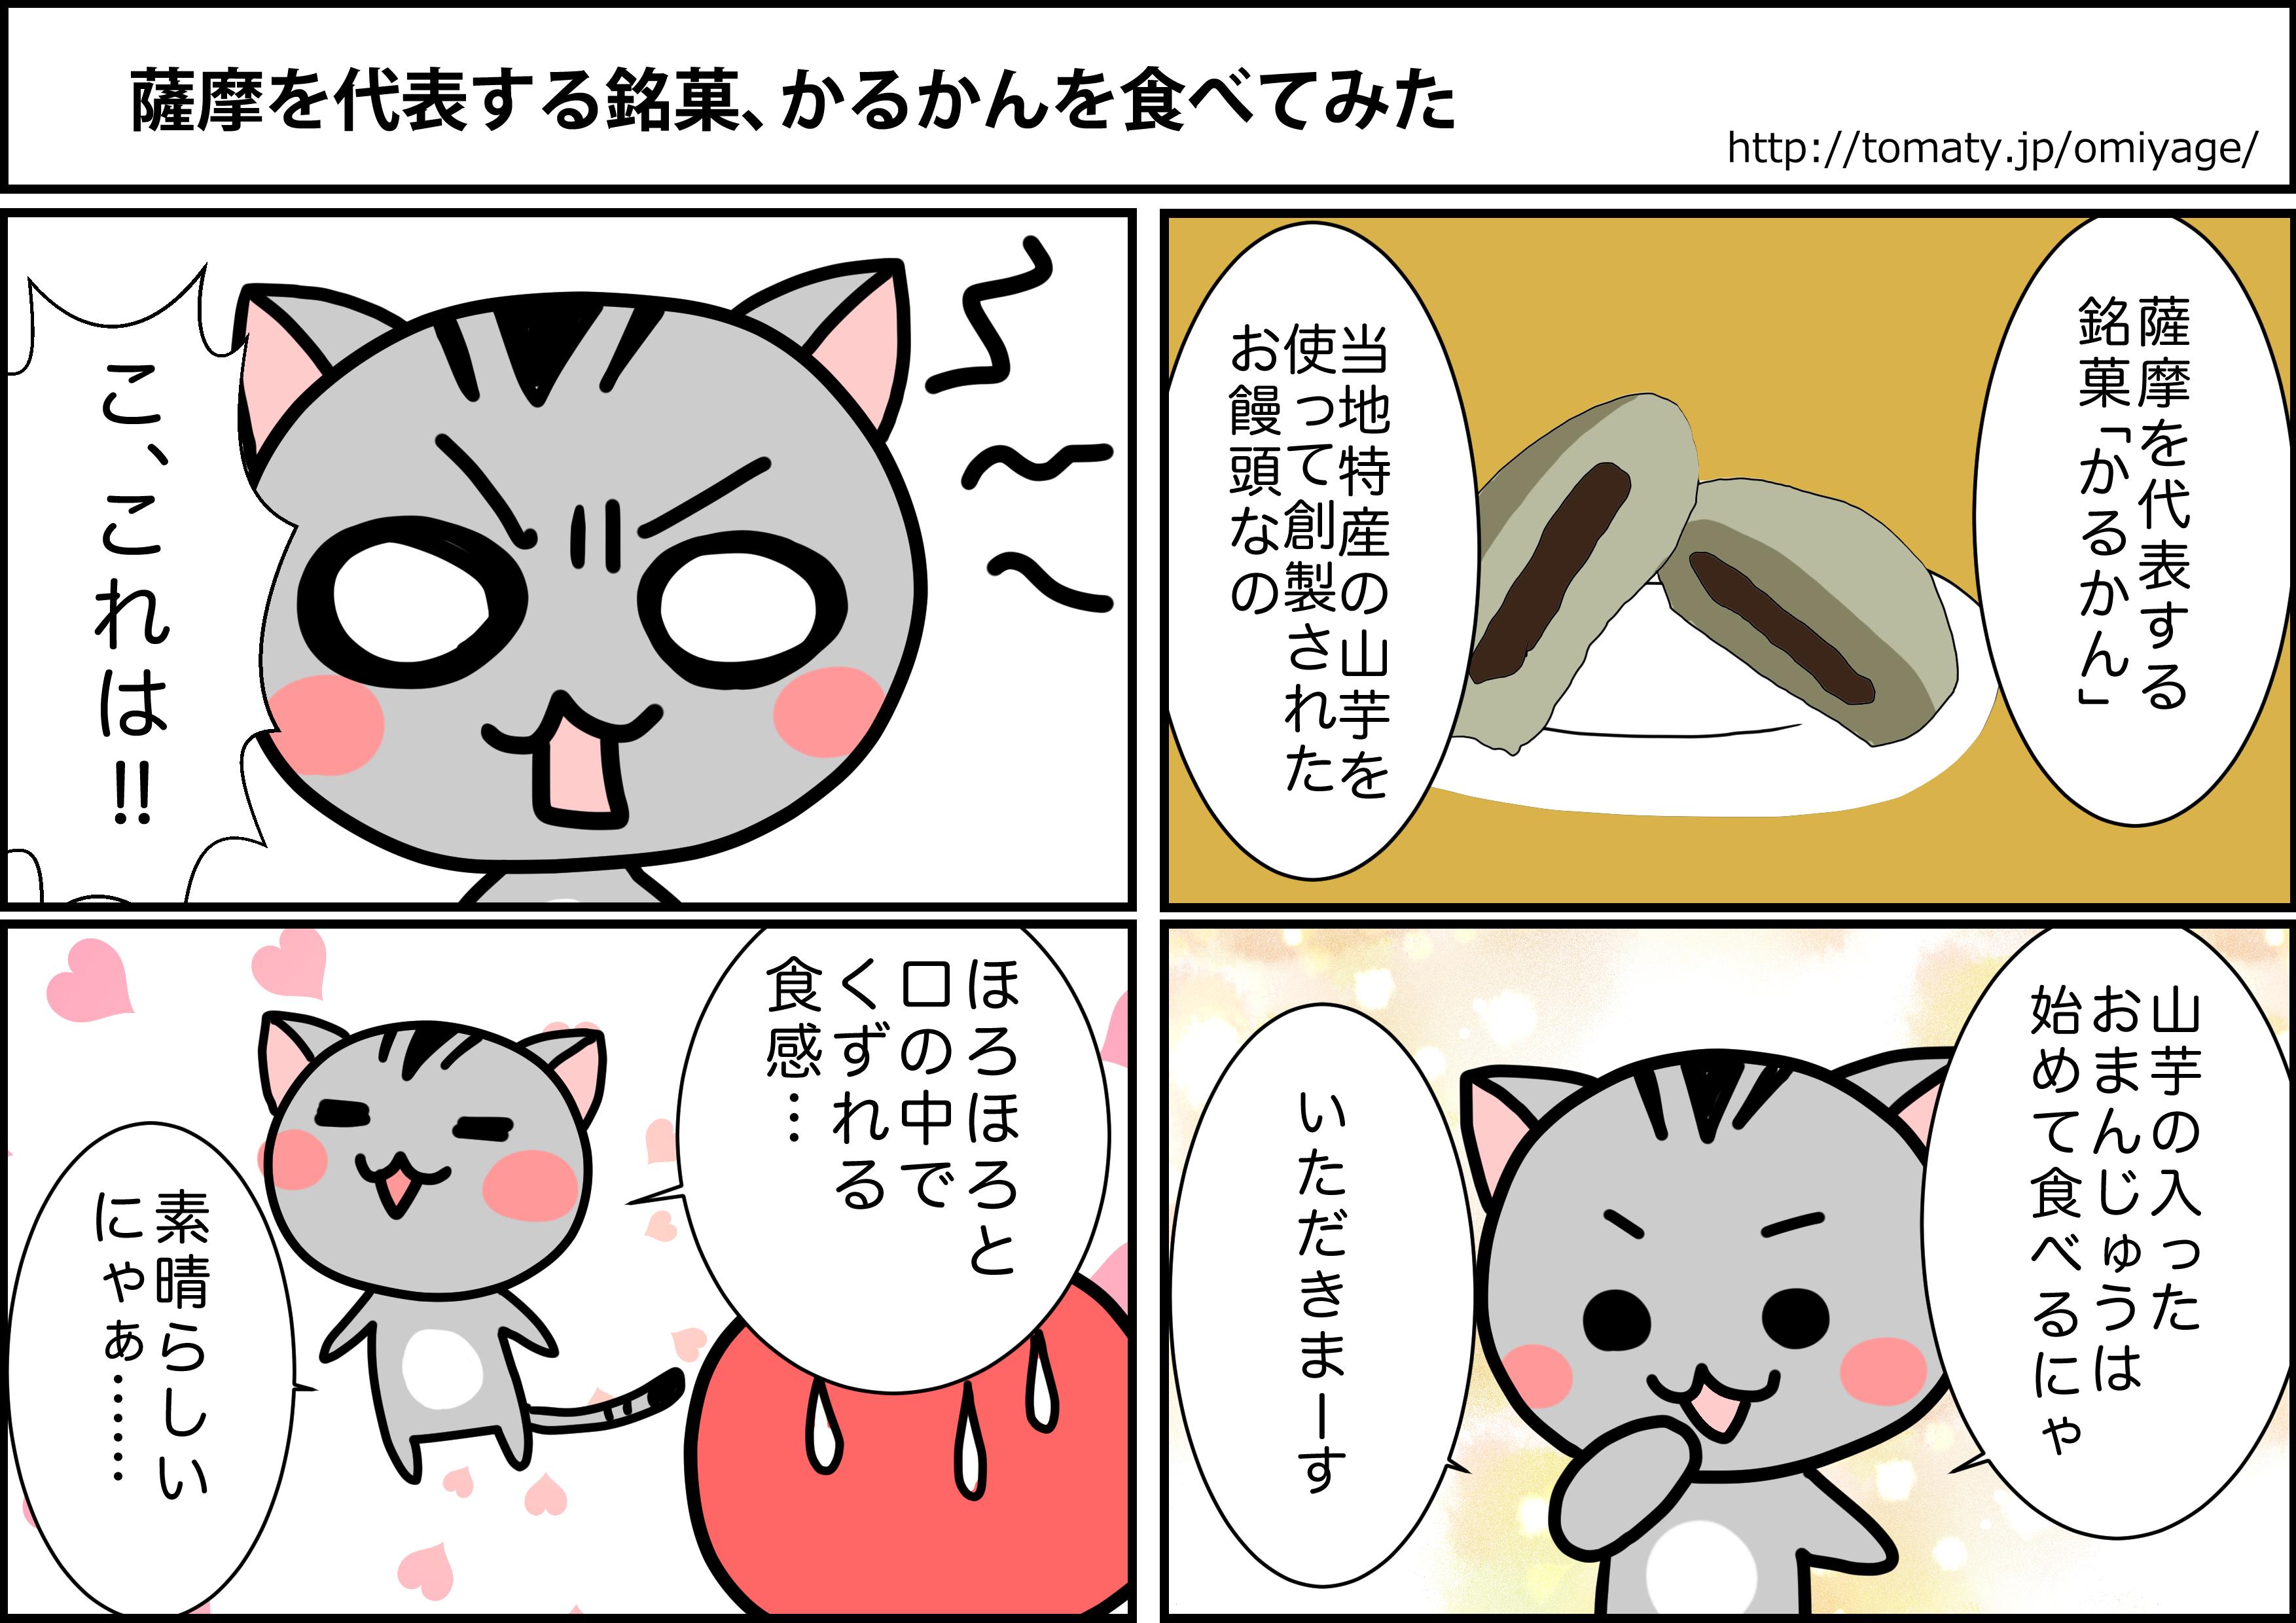 まめ太の4コマ漫画「薩摩を代表する銘菓、かるかん饅頭を食べてみた」